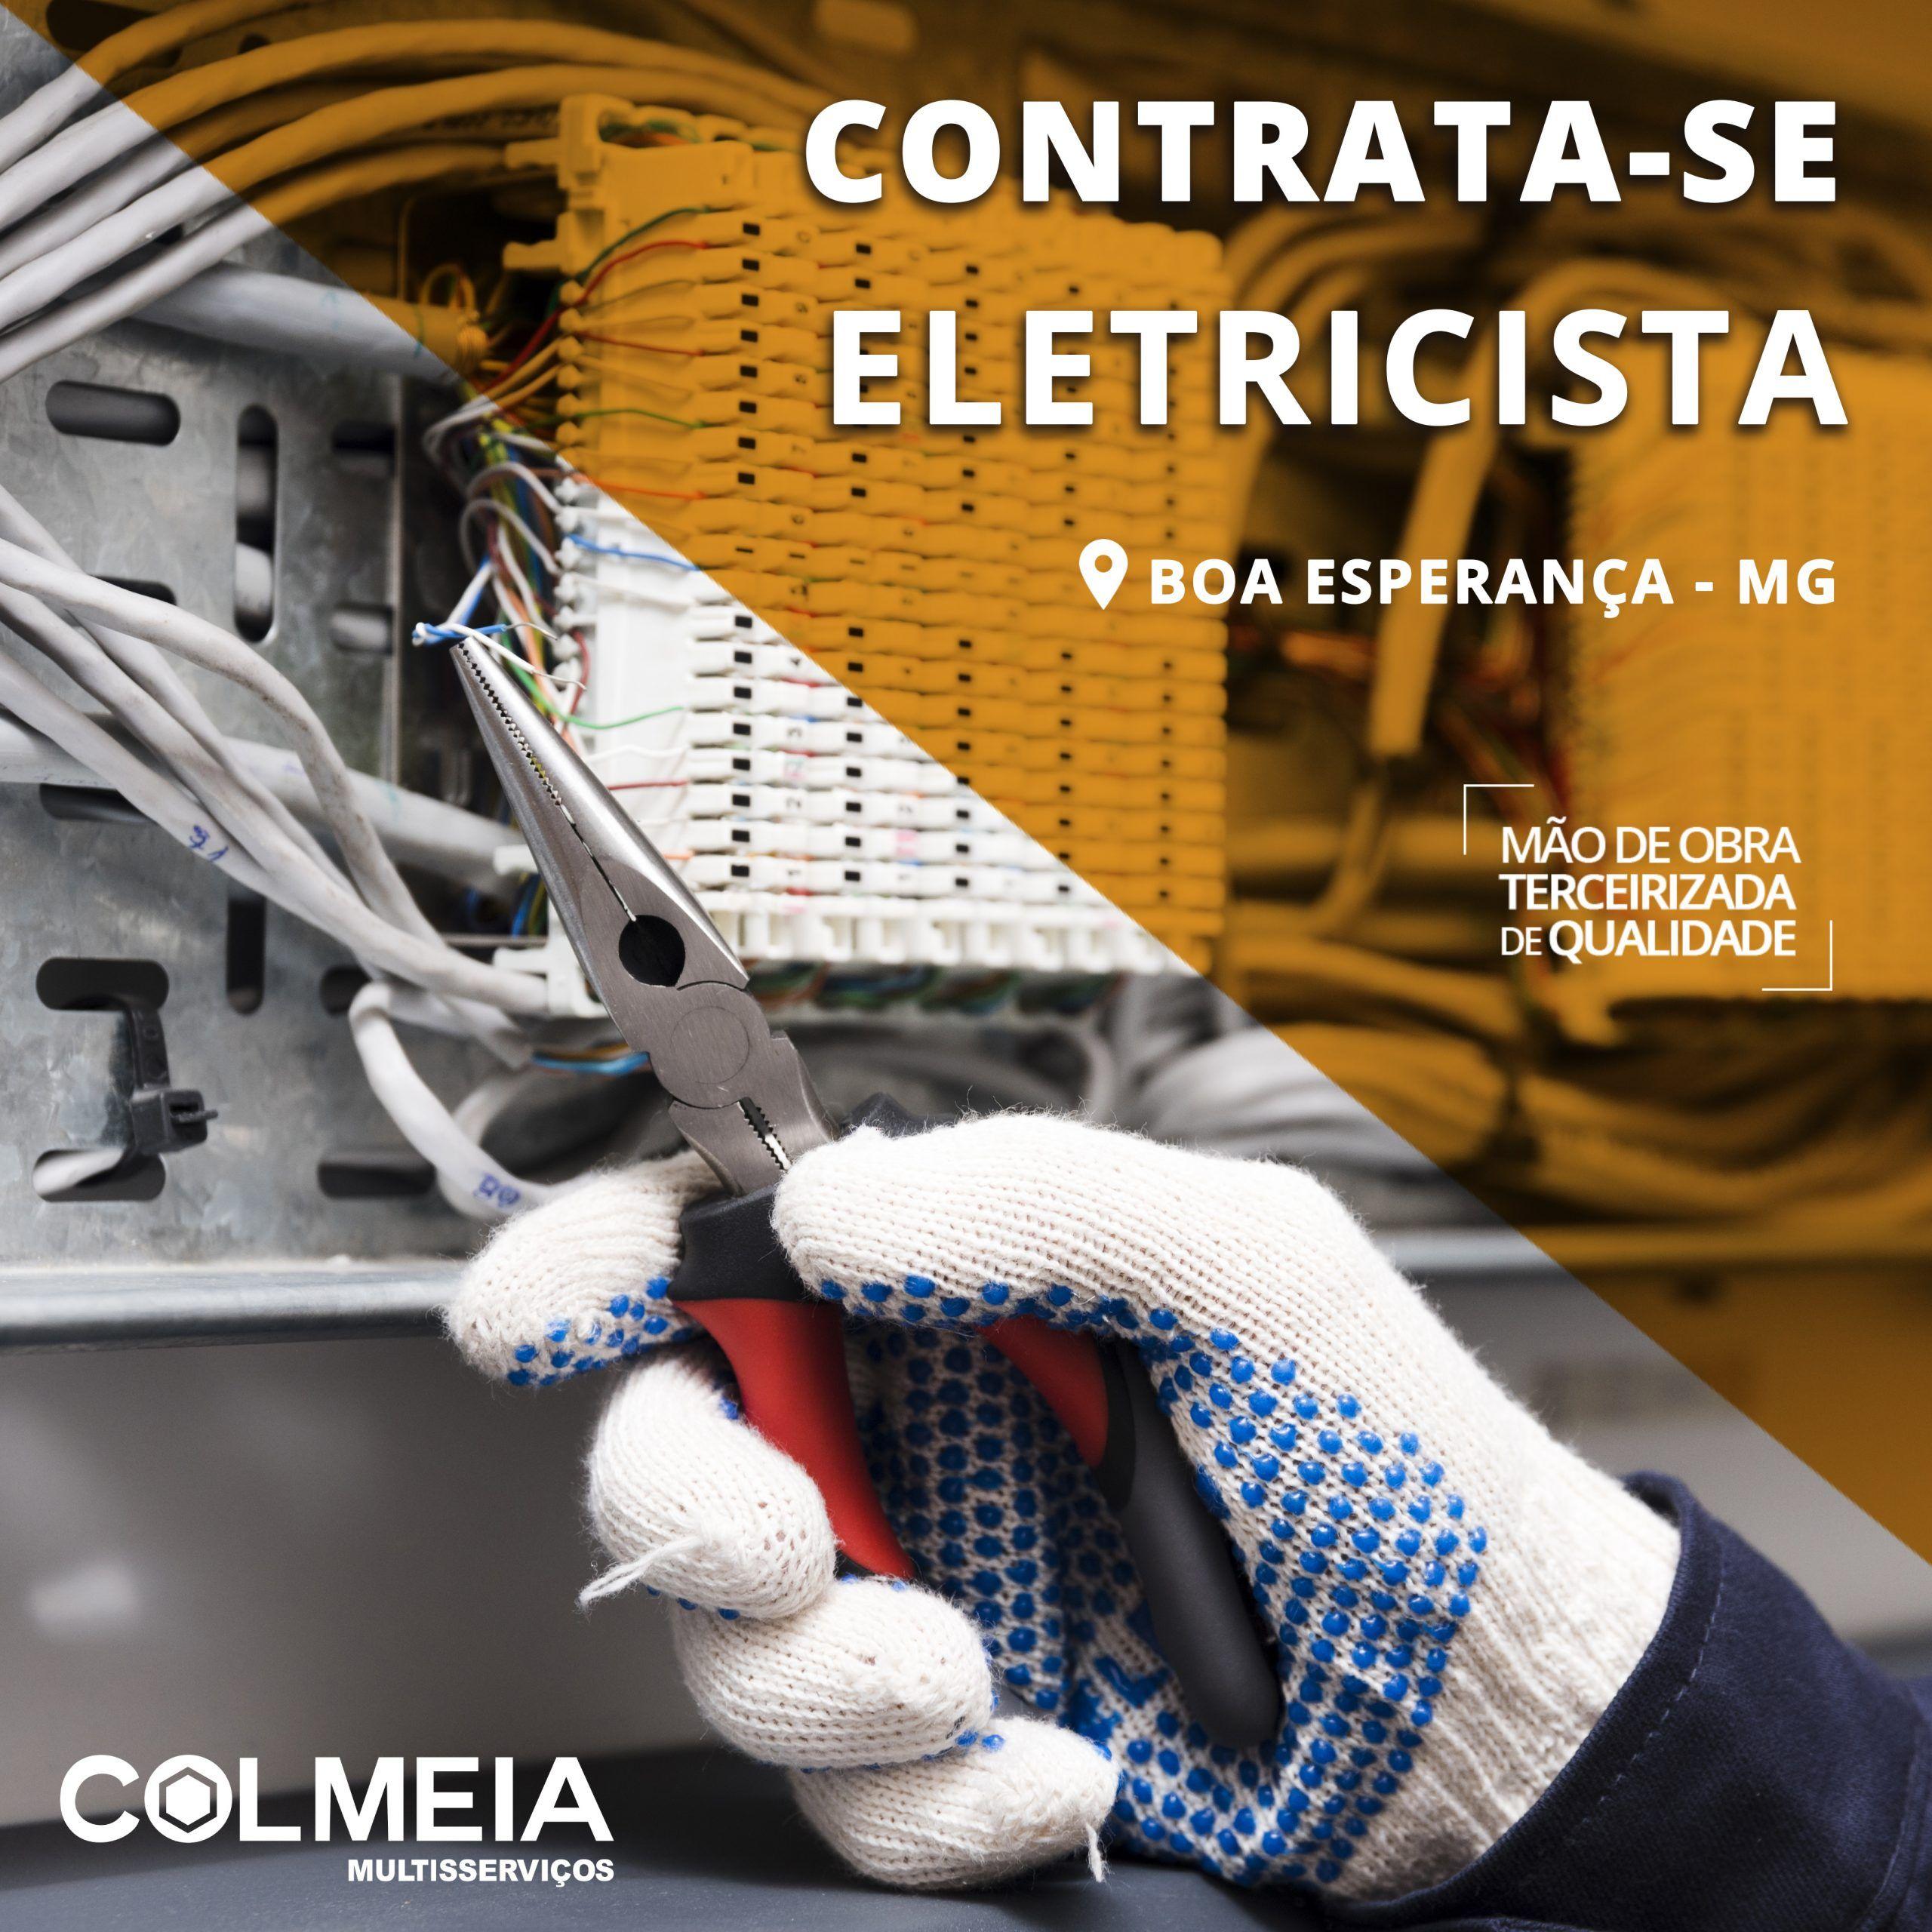 Trabalhe Conosco - ELETRICISTA – Boa Esperança/MG